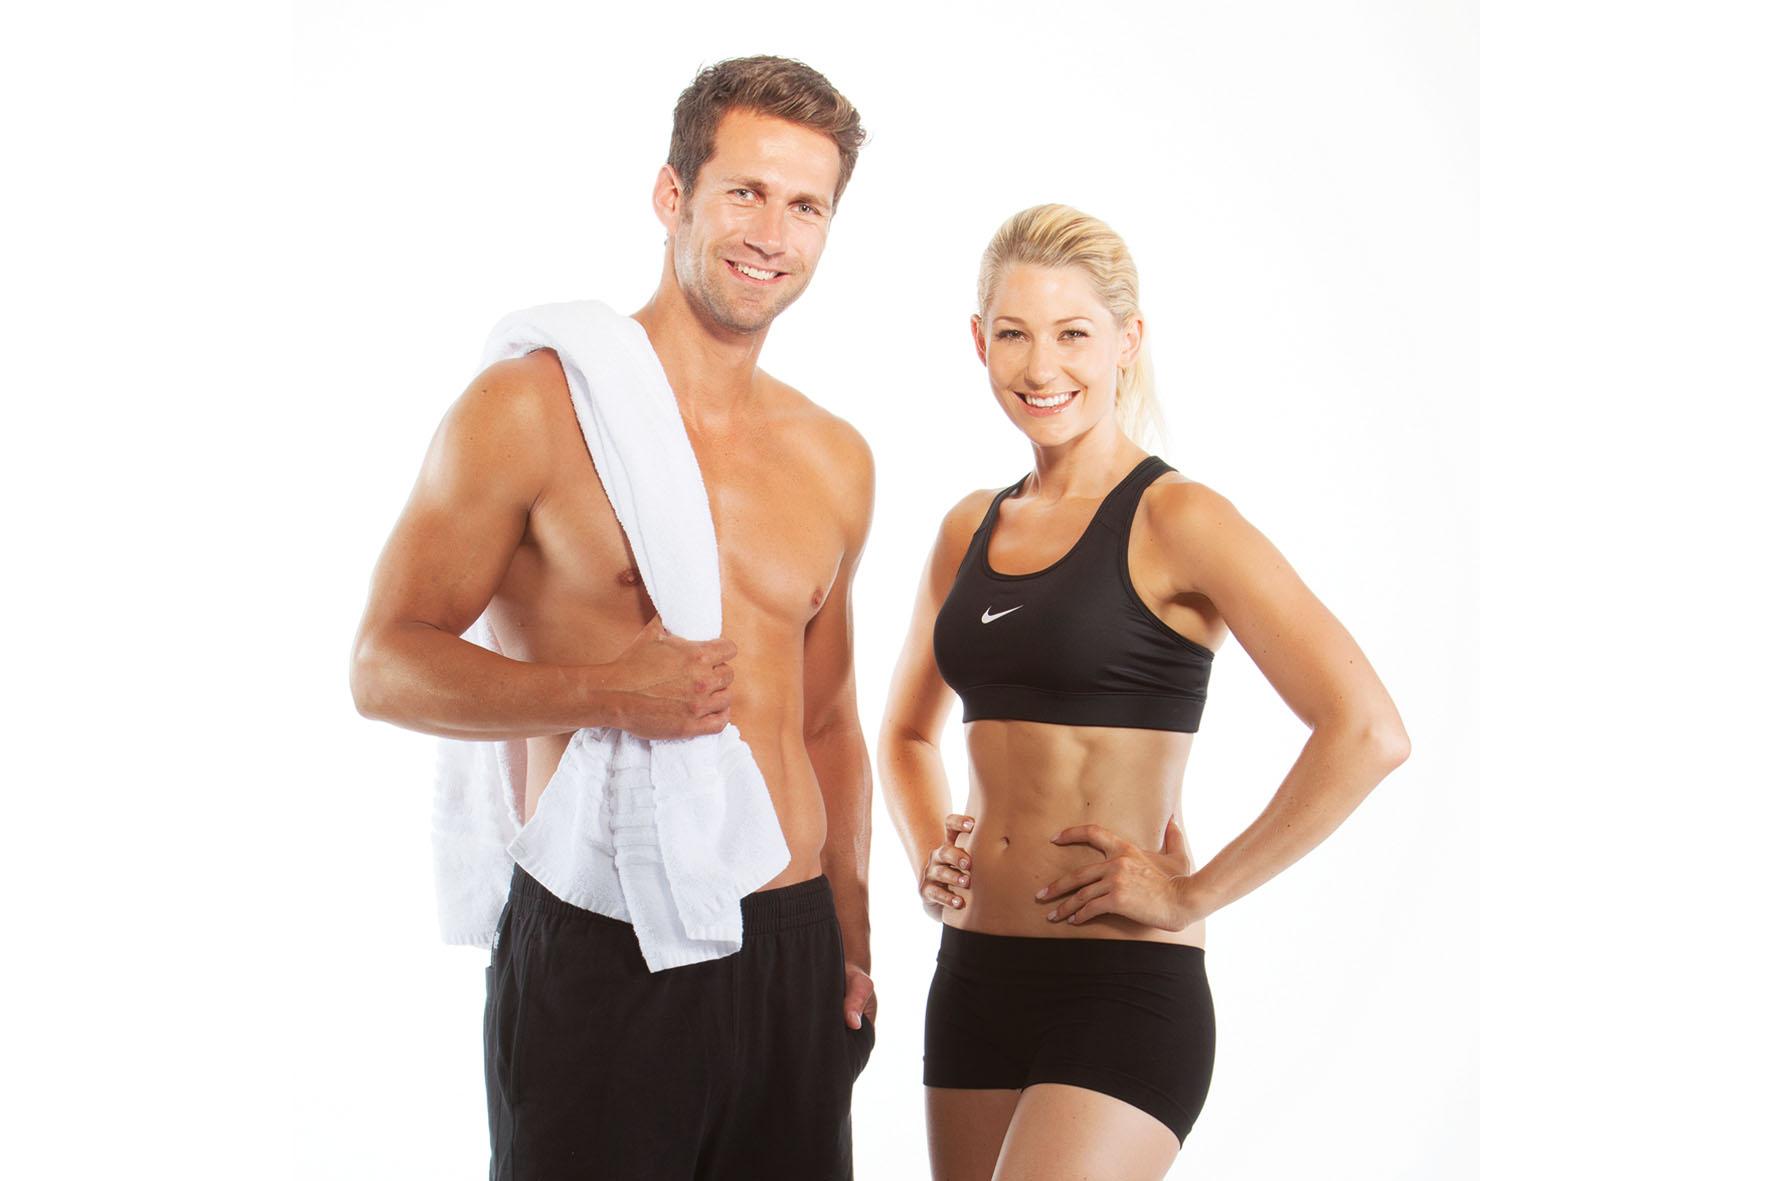 Regelmäßiges Training und basische Körperpflege tragen zu einem perfekten Körper bei.